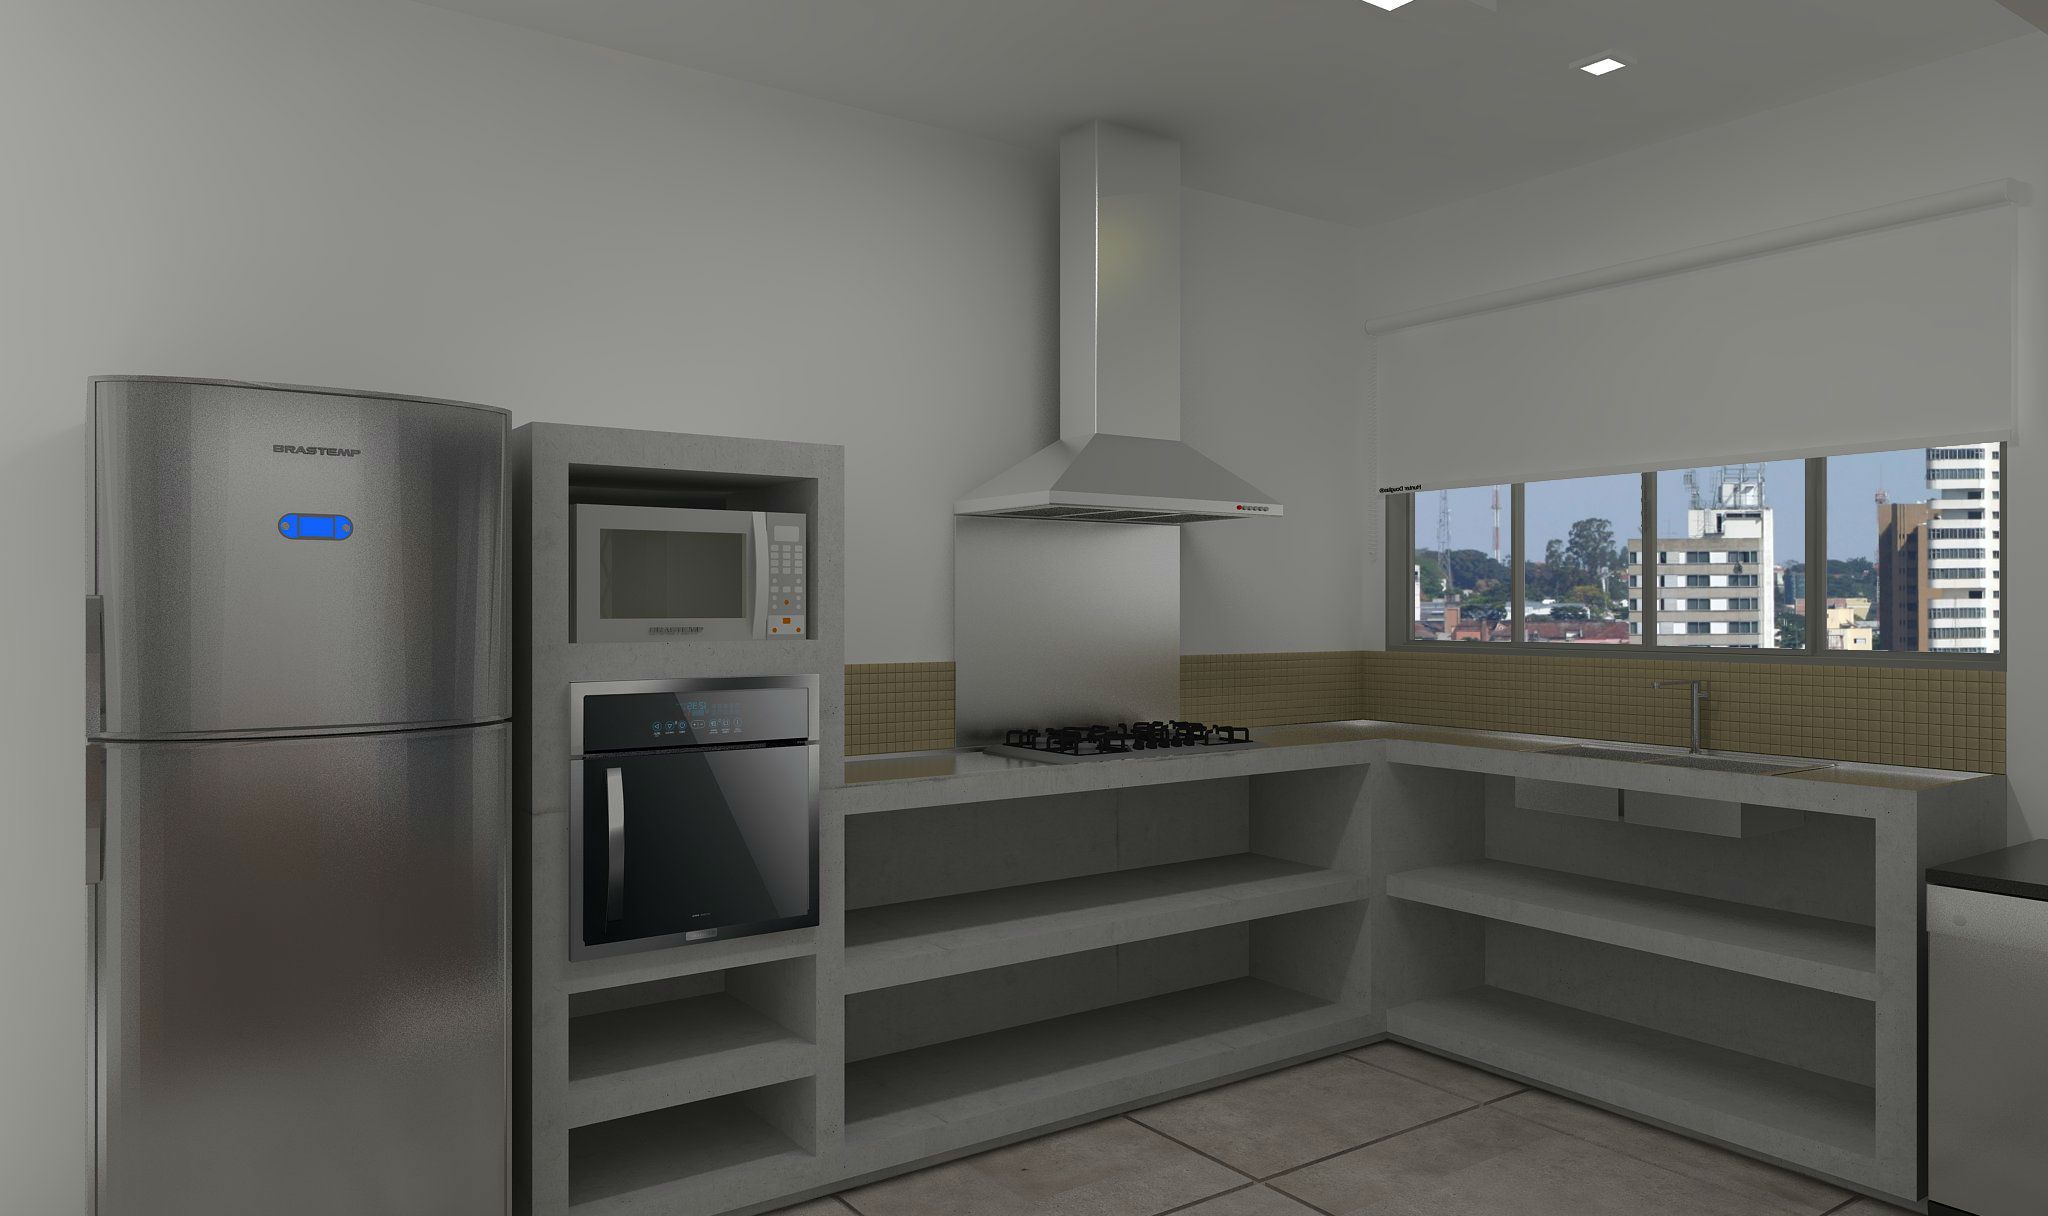 Cozinha Bancada Cimento Queimado Para Mais Informacoes Visite